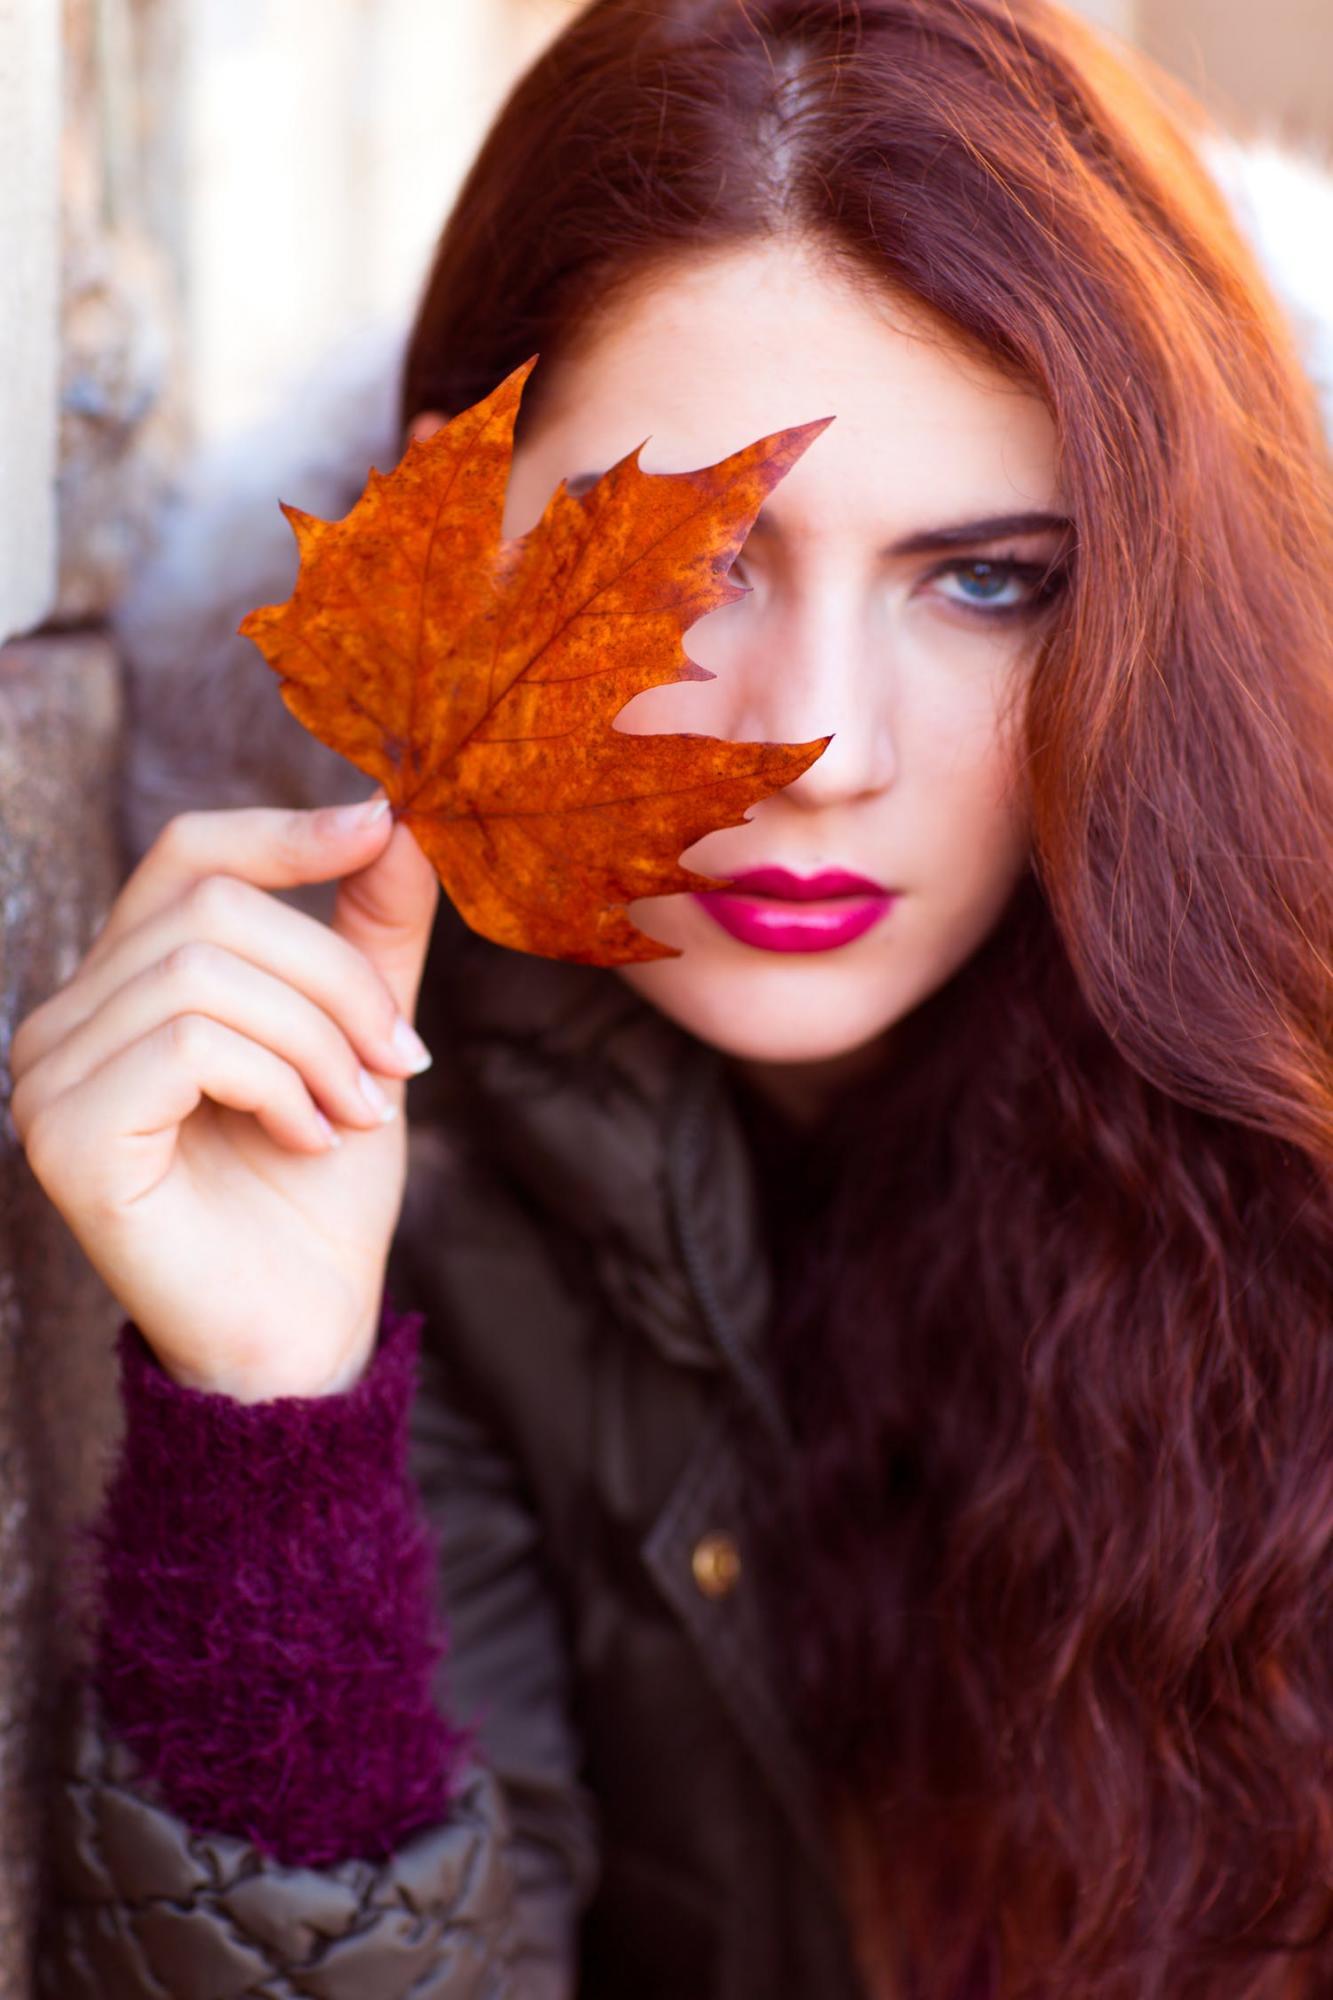 Как сохранить молодость и красоту: эффективные антивозрастные лайфхаки